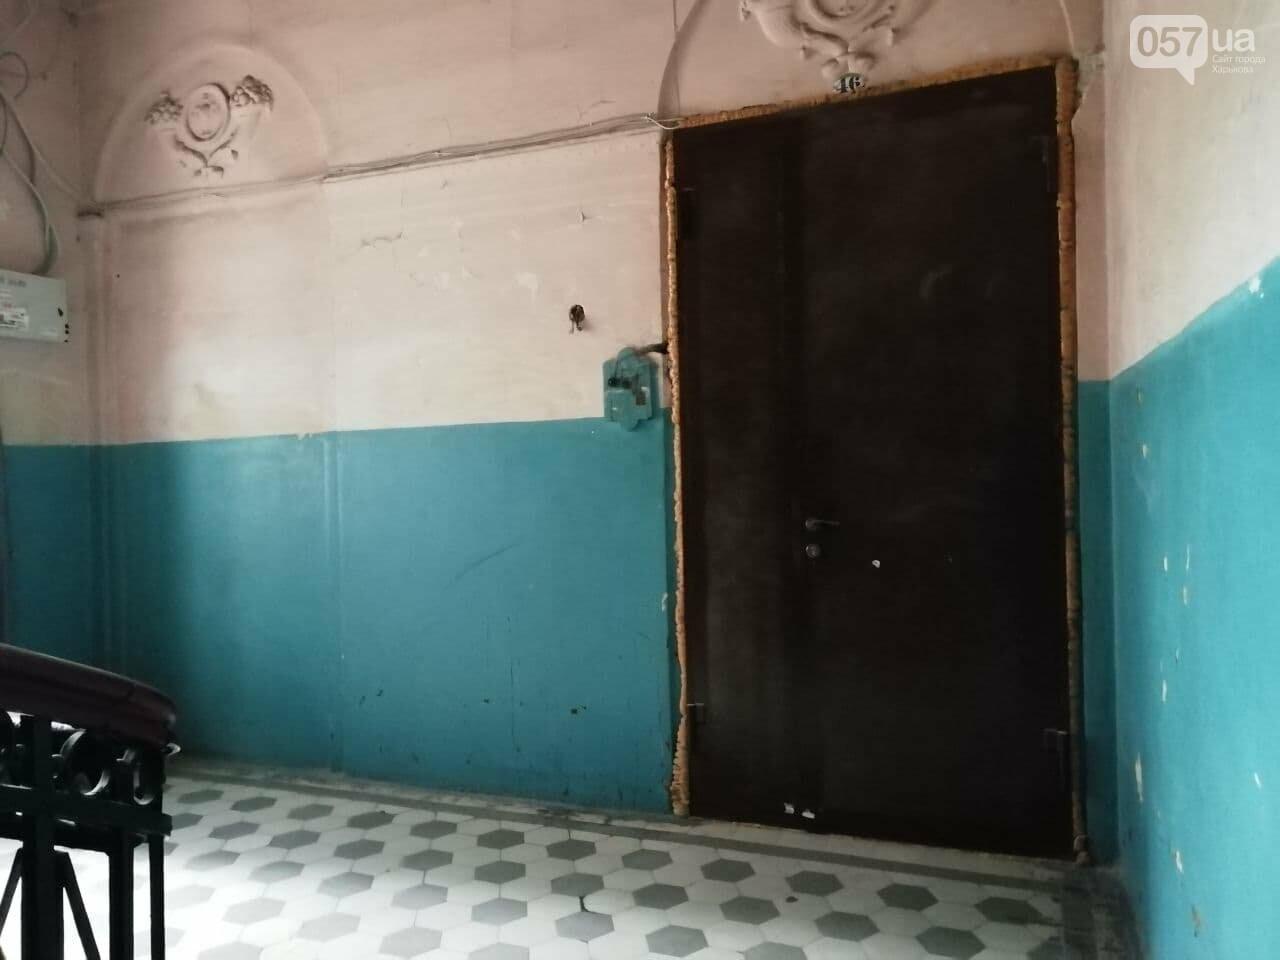 Квартира Шевелева в центра Харькова стала творческой резиденцией, - ФОТО, ВИДЕО, фото-2